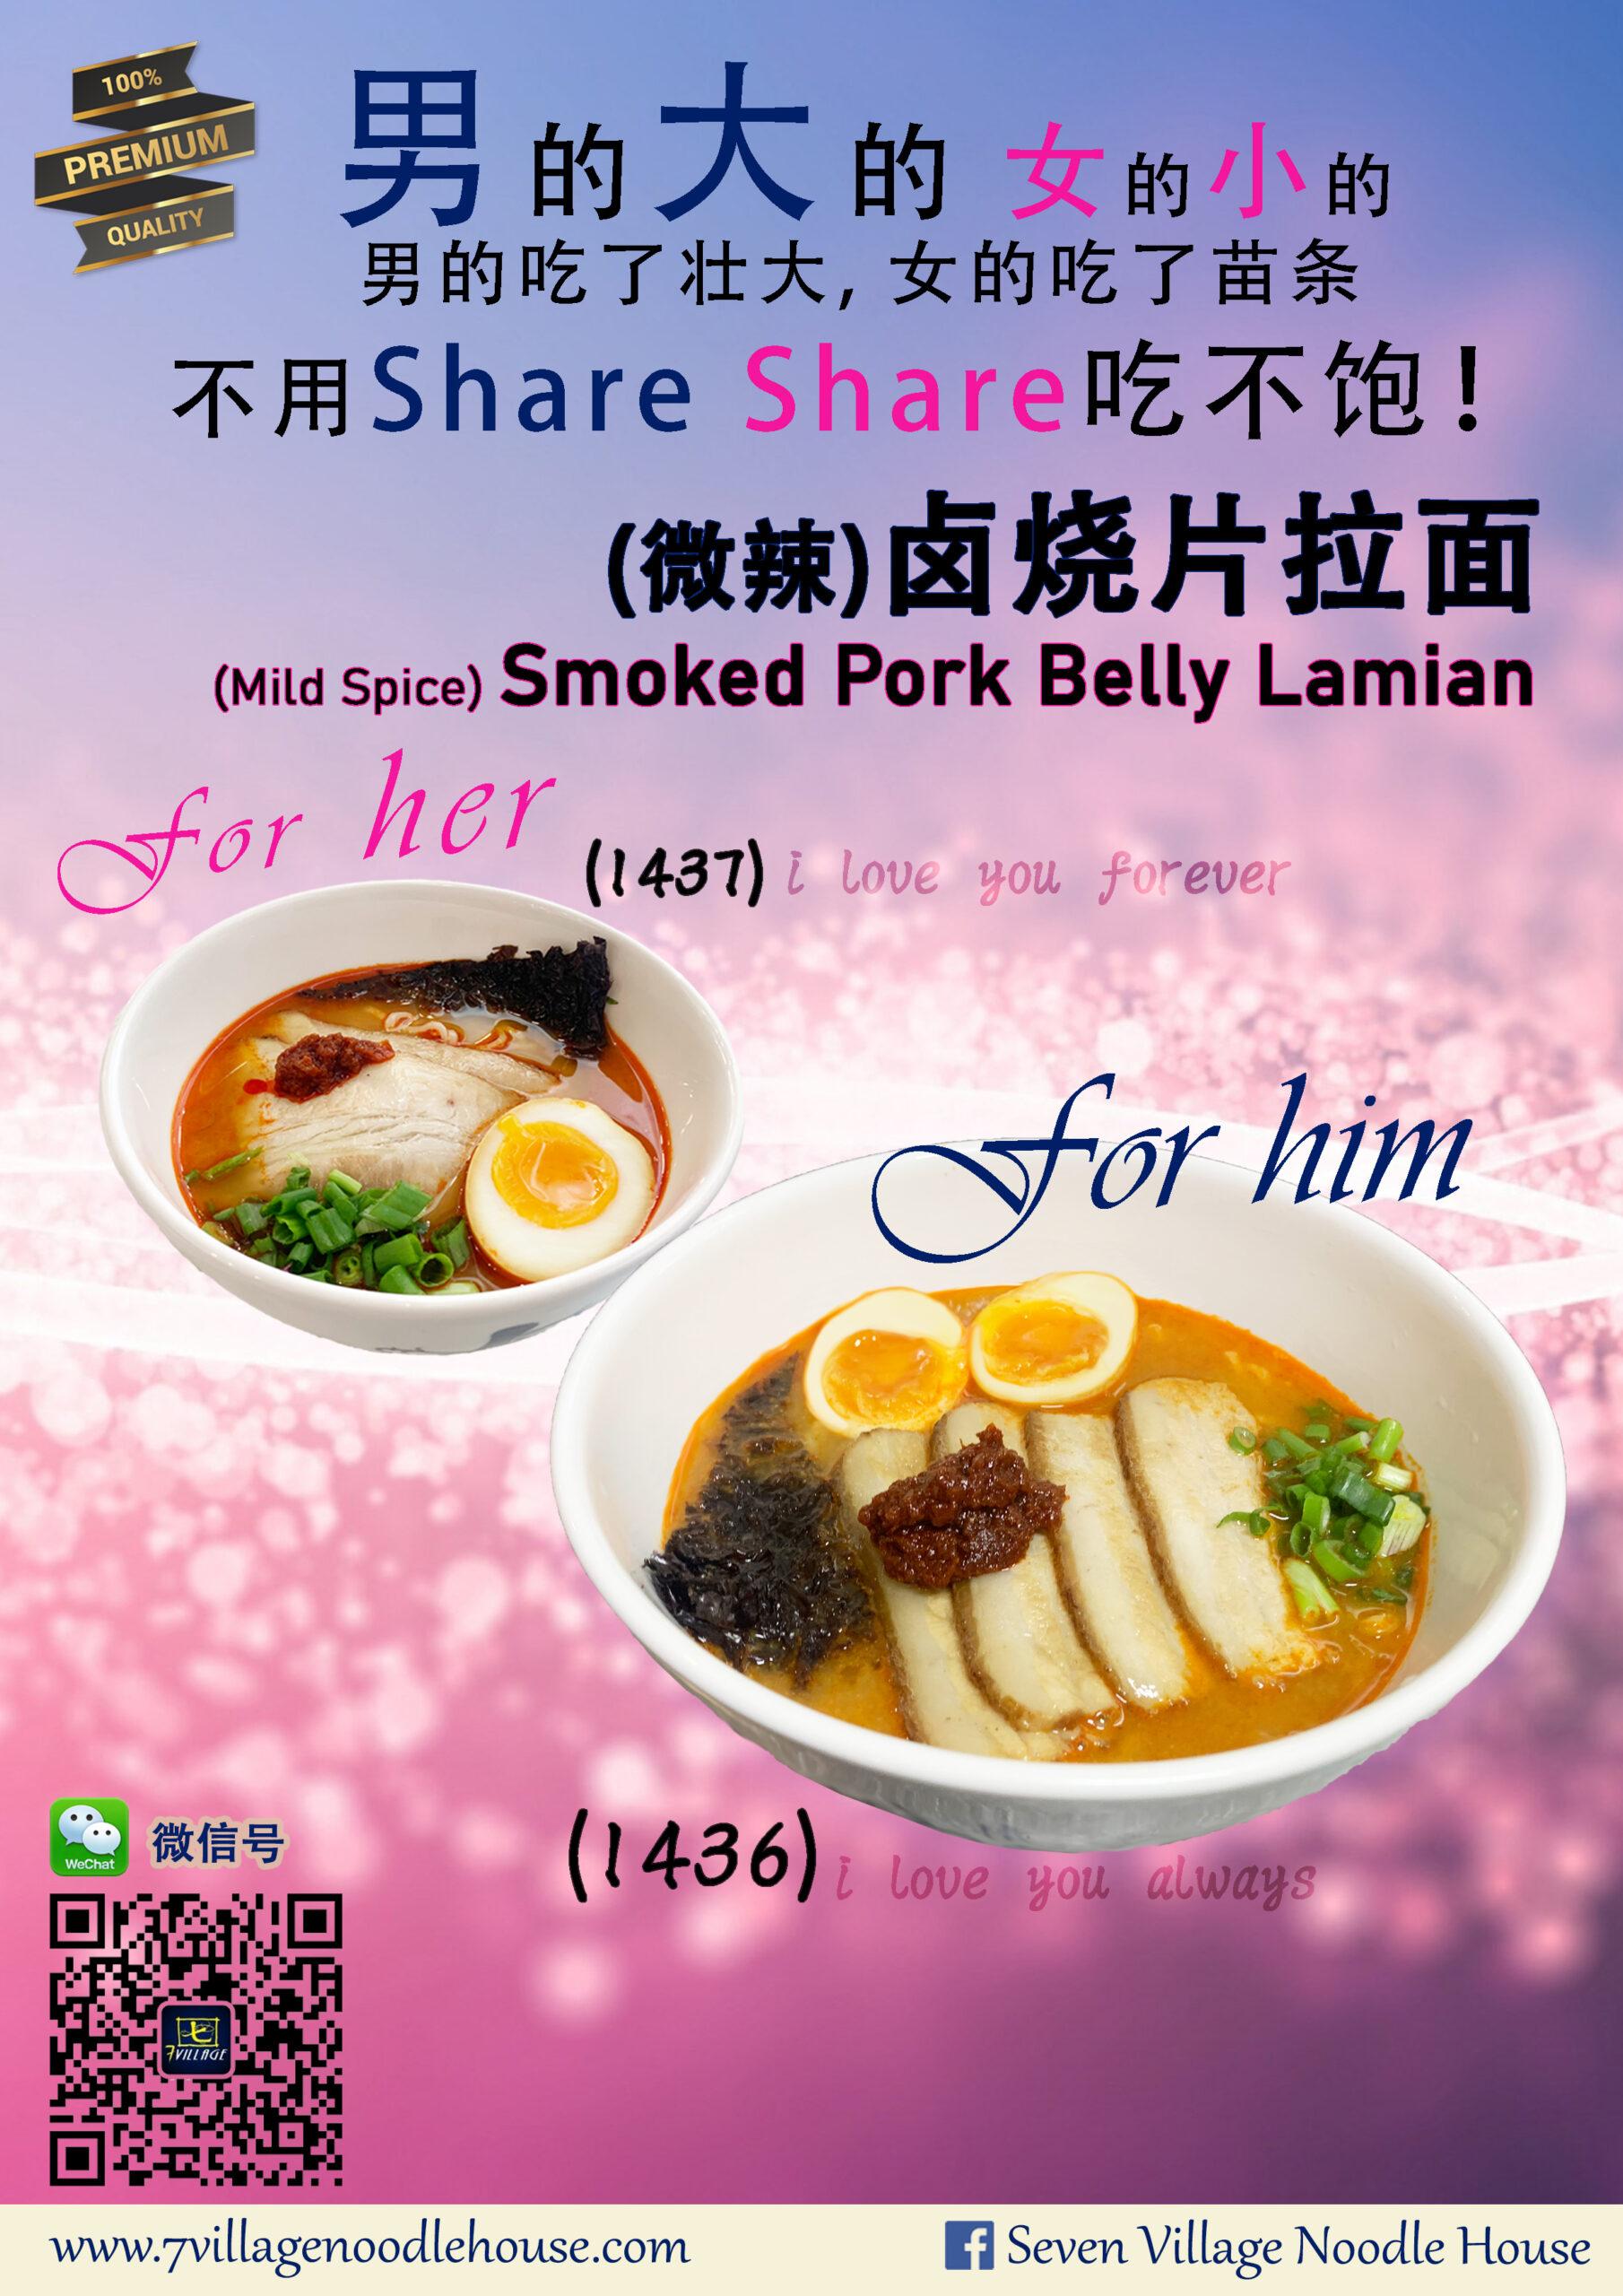 Smoke Pork Belly Lamian_V1_No Price